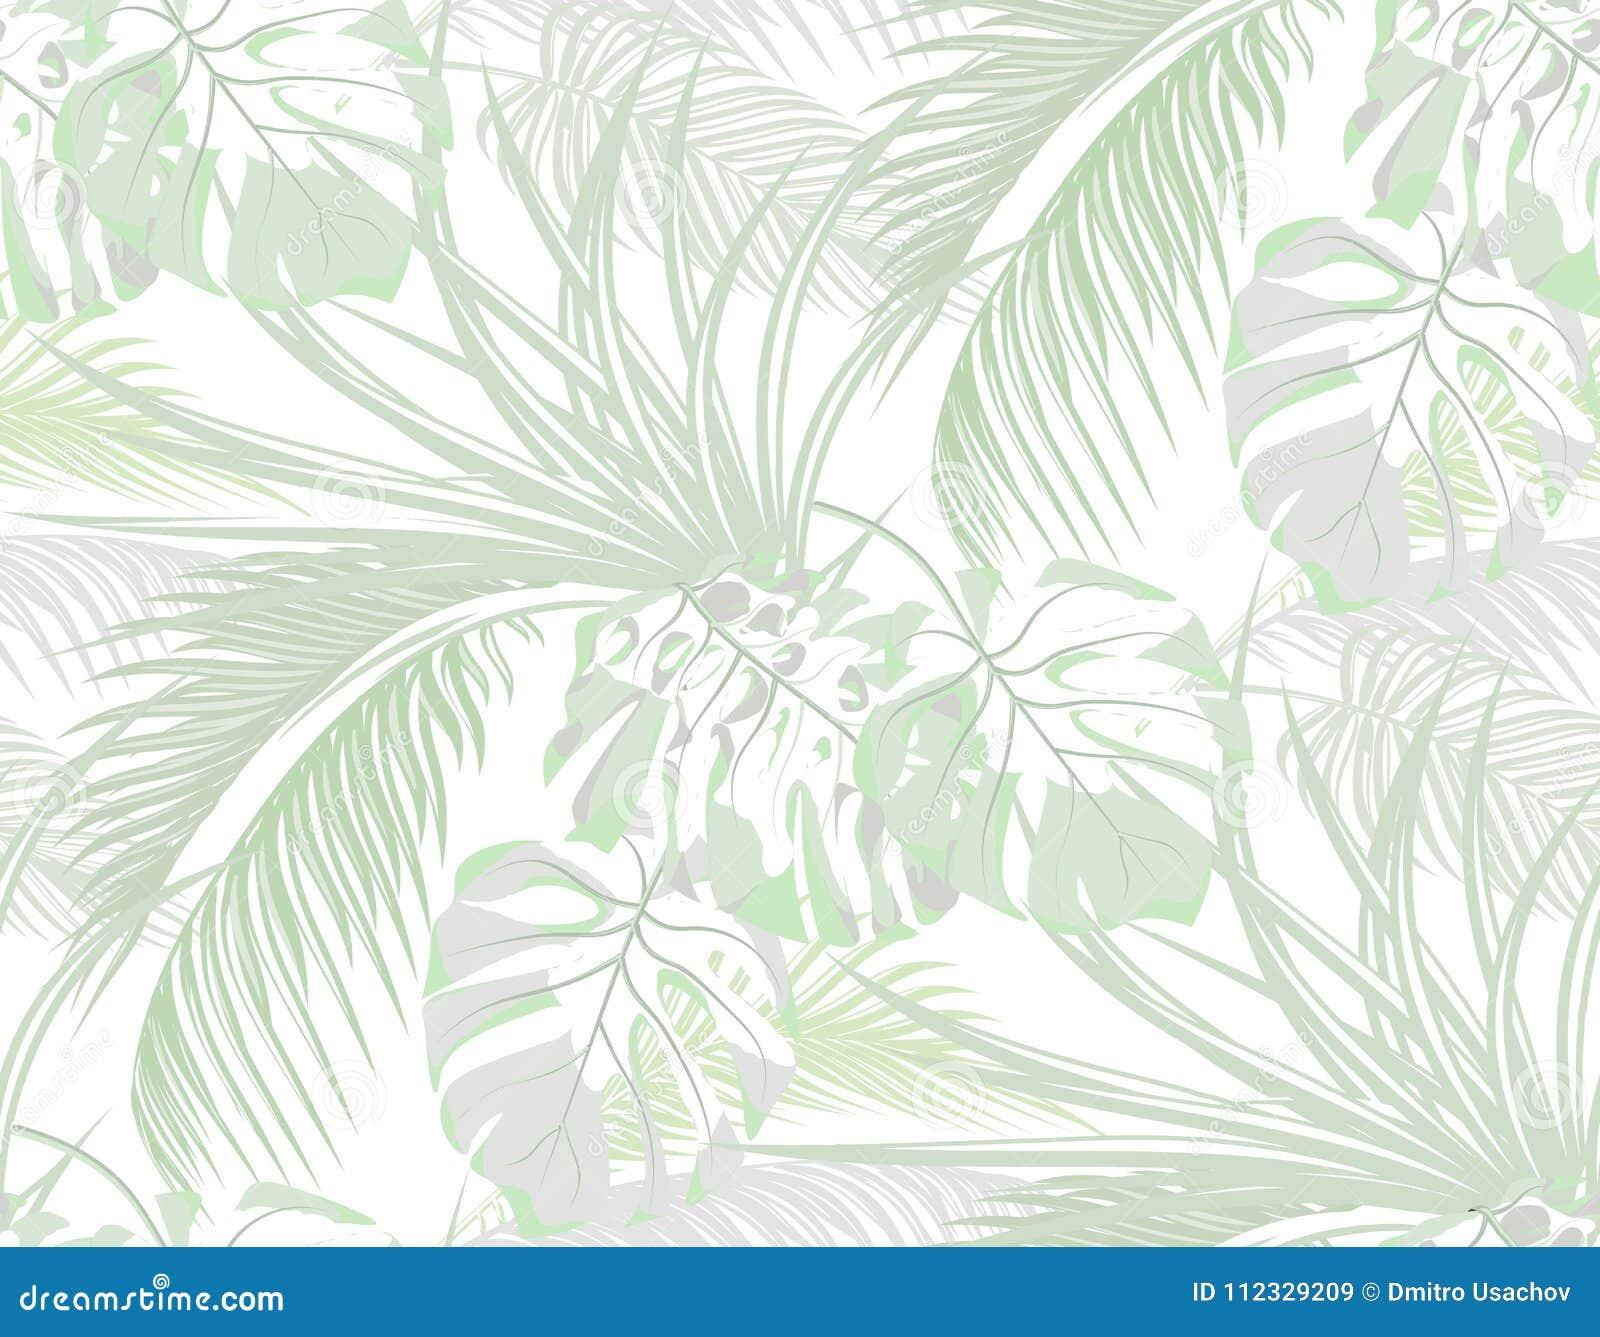 Selva fundo das folhas das palmas tropicais, monstro, agave seamless Isolado no branco Ilustração